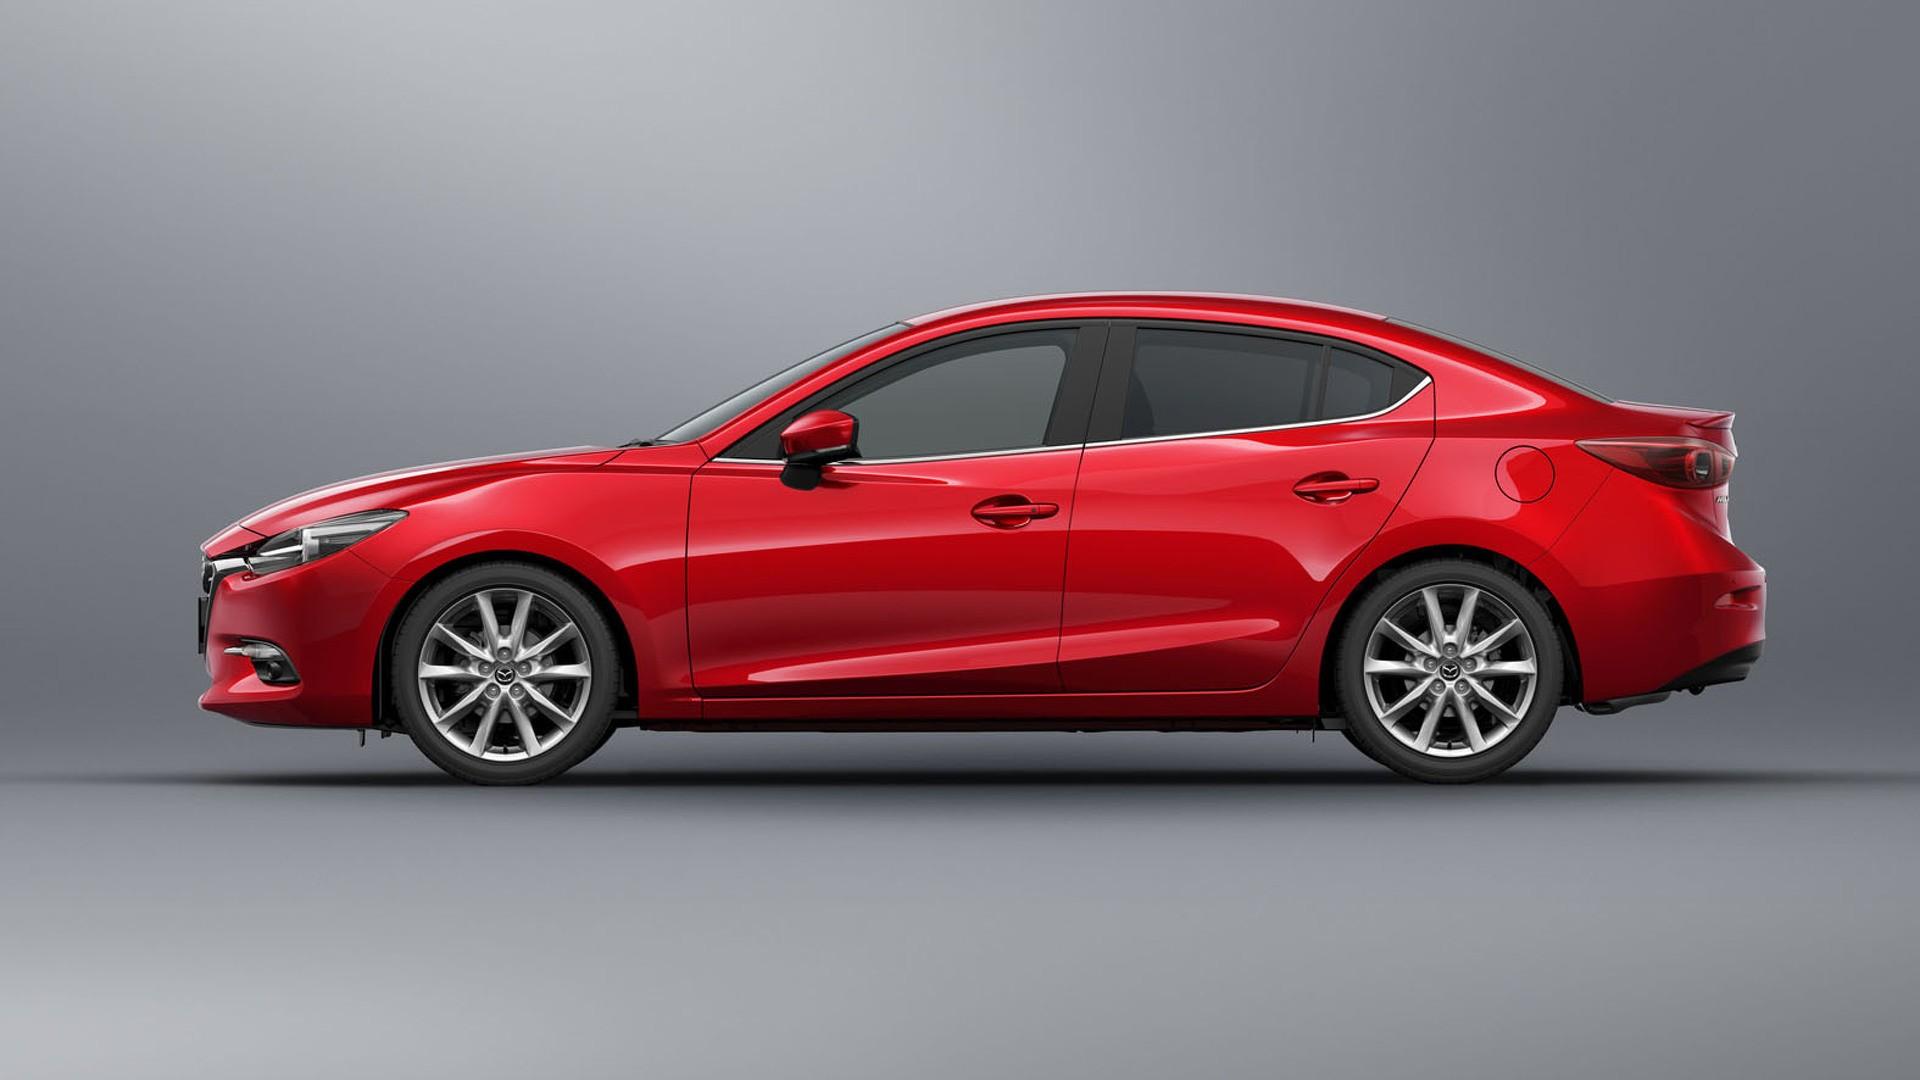 Mazda In For Mild Updates AllNew Model With HCCI Engine In - 2018 mazda 6 invoice